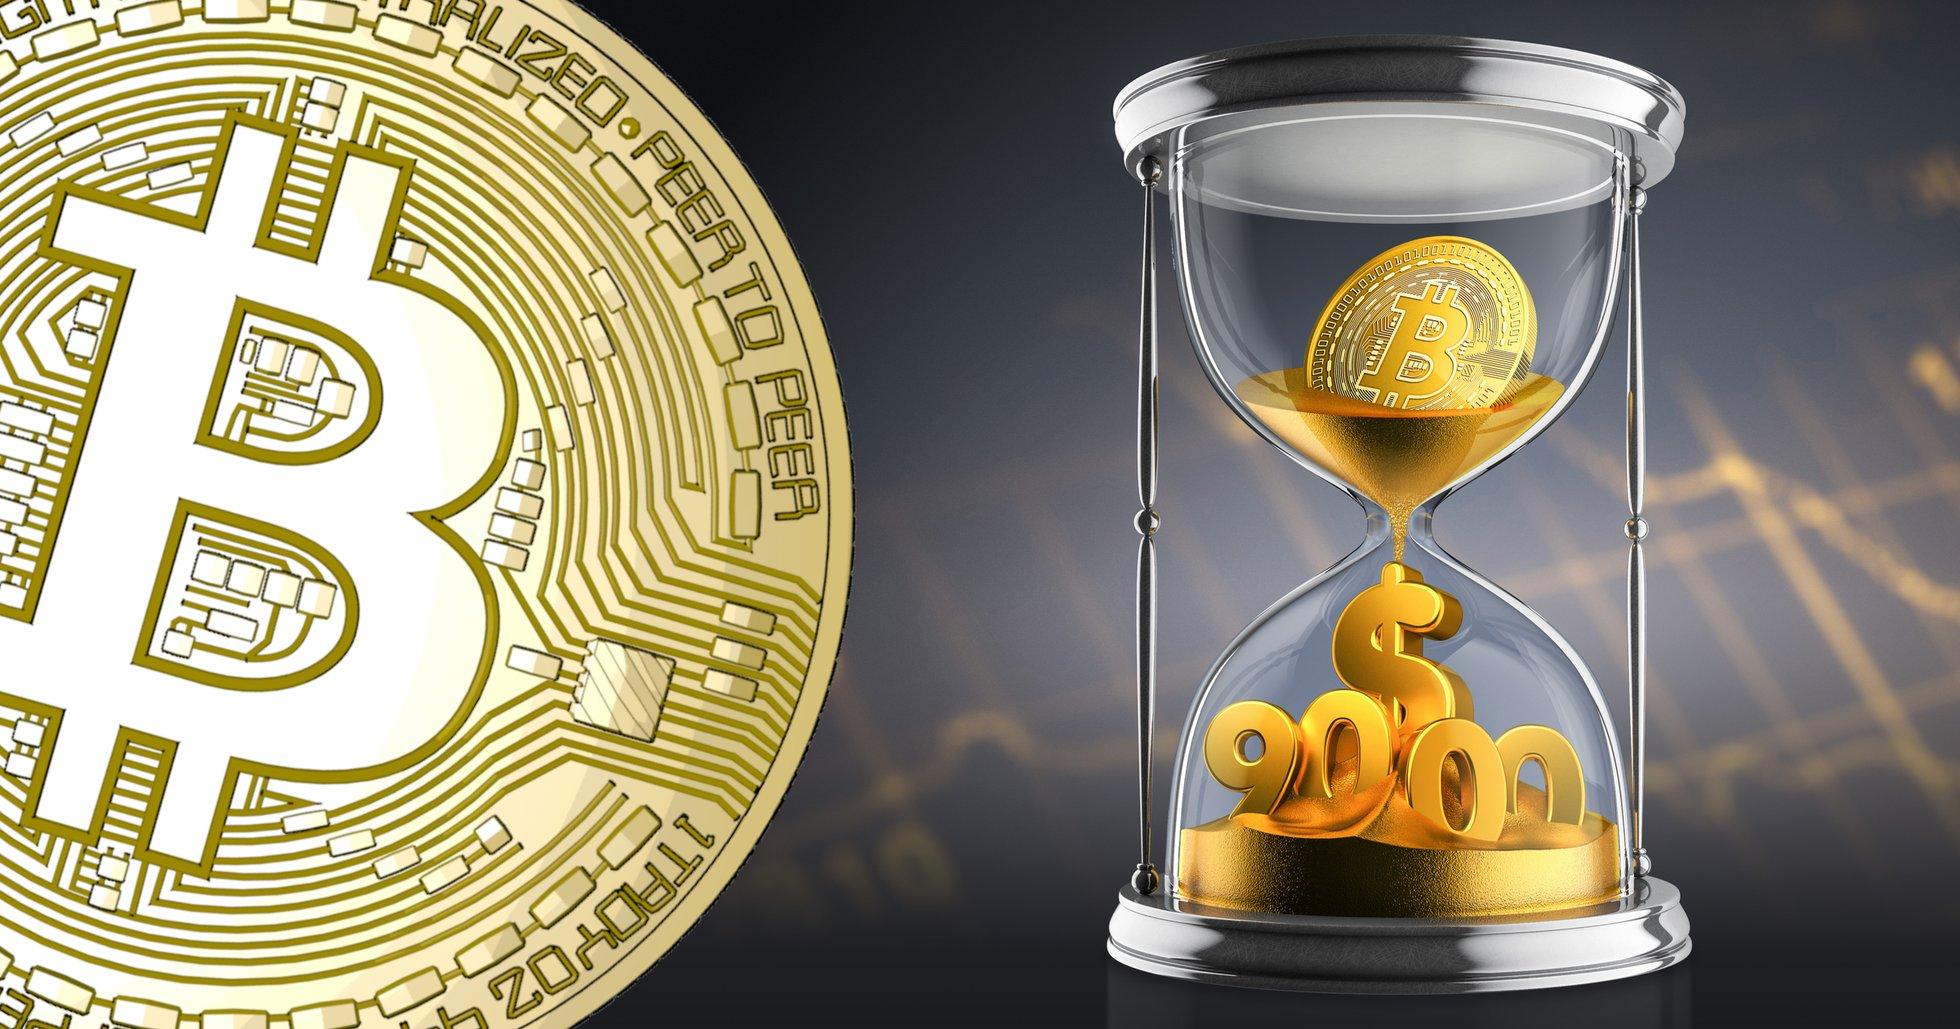 Bitcoinpriset över 9 000 dollar igen –har stigit över 4 procent sedan i morse.